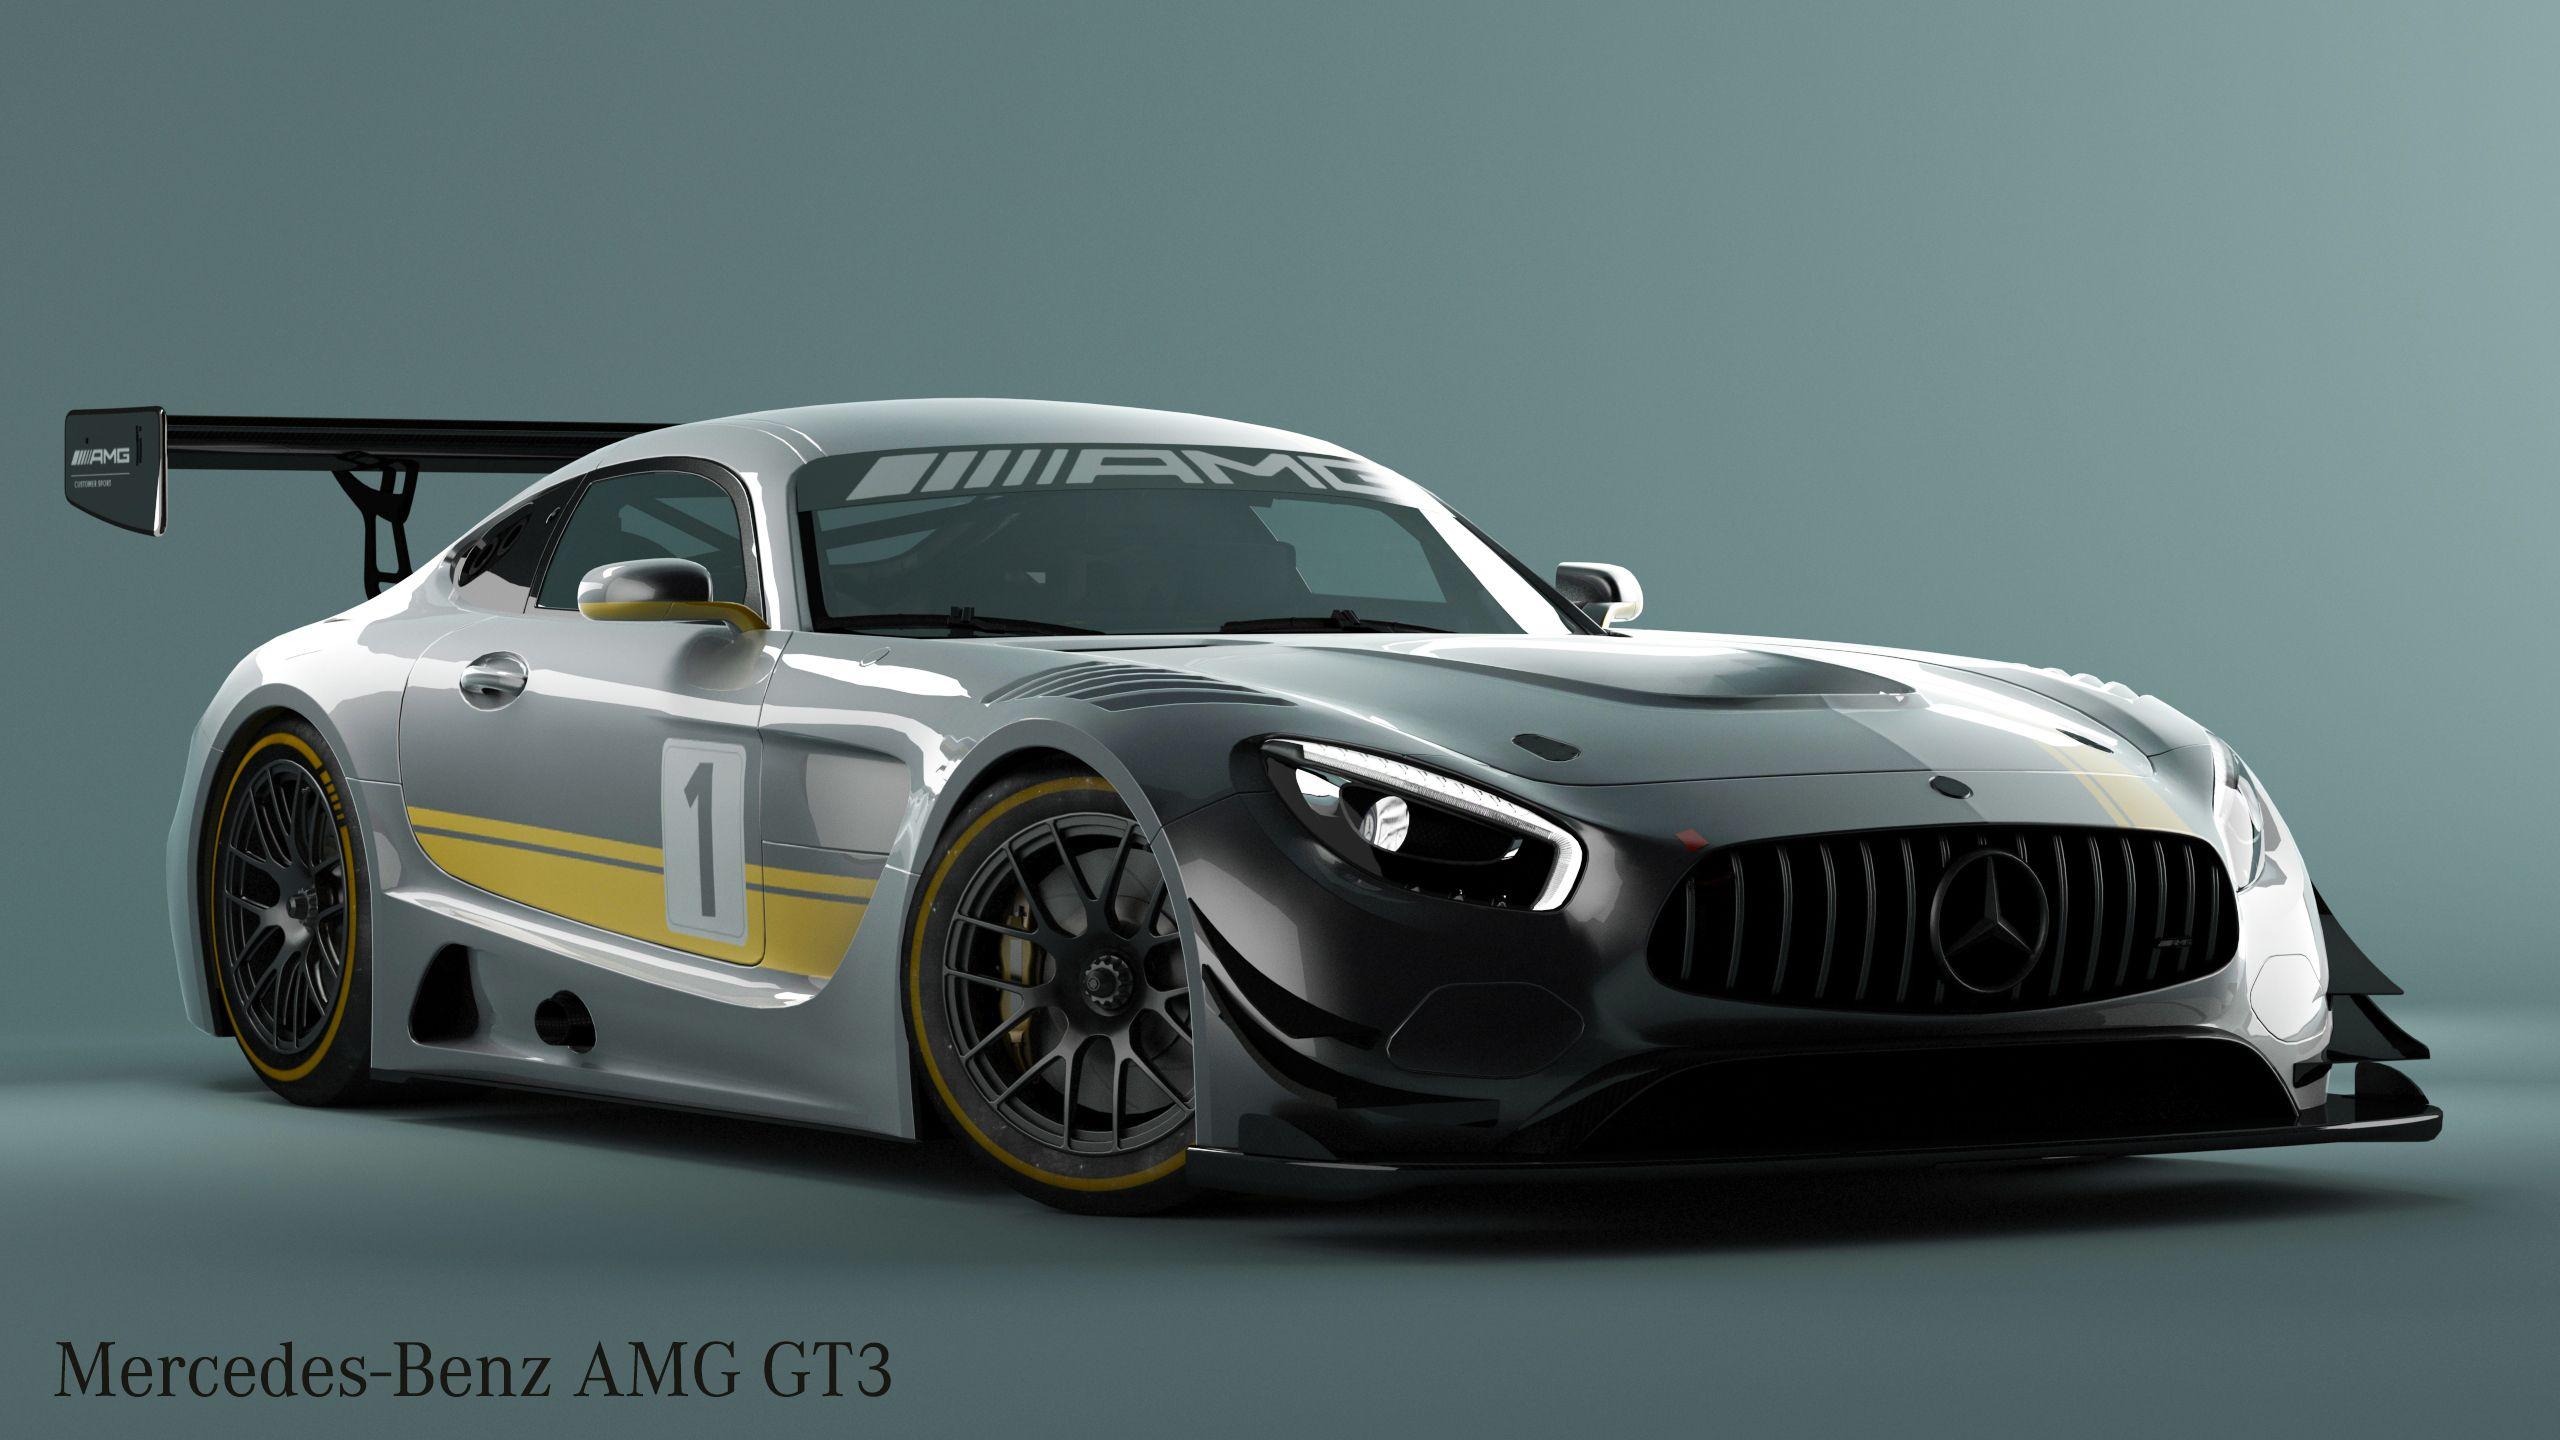 Mercedes Amg Gt3 Morgan Moullin Traffort Jean Luc Beaubelique